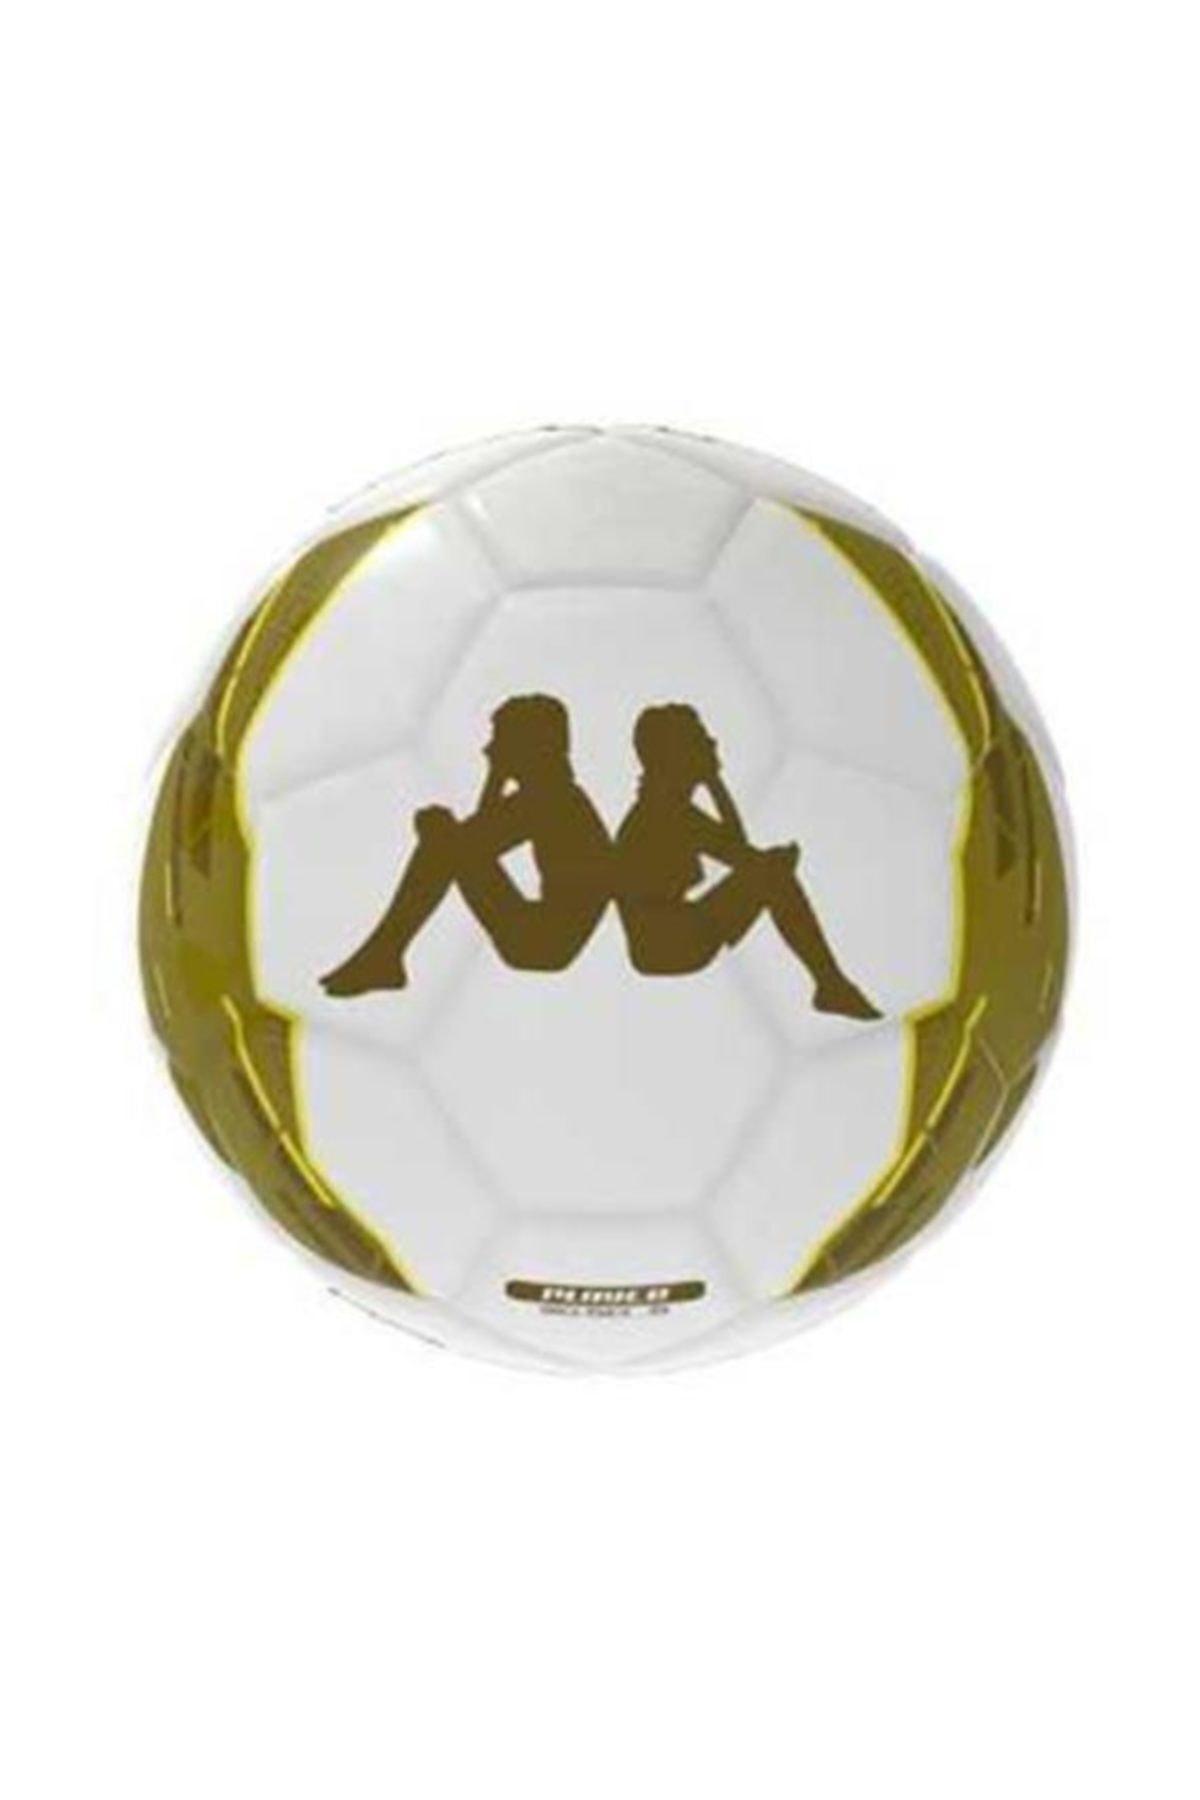 Kappa Sarı Futbol Topu Player 20.5d 5 No Top Haki 1-304lat0-903 2